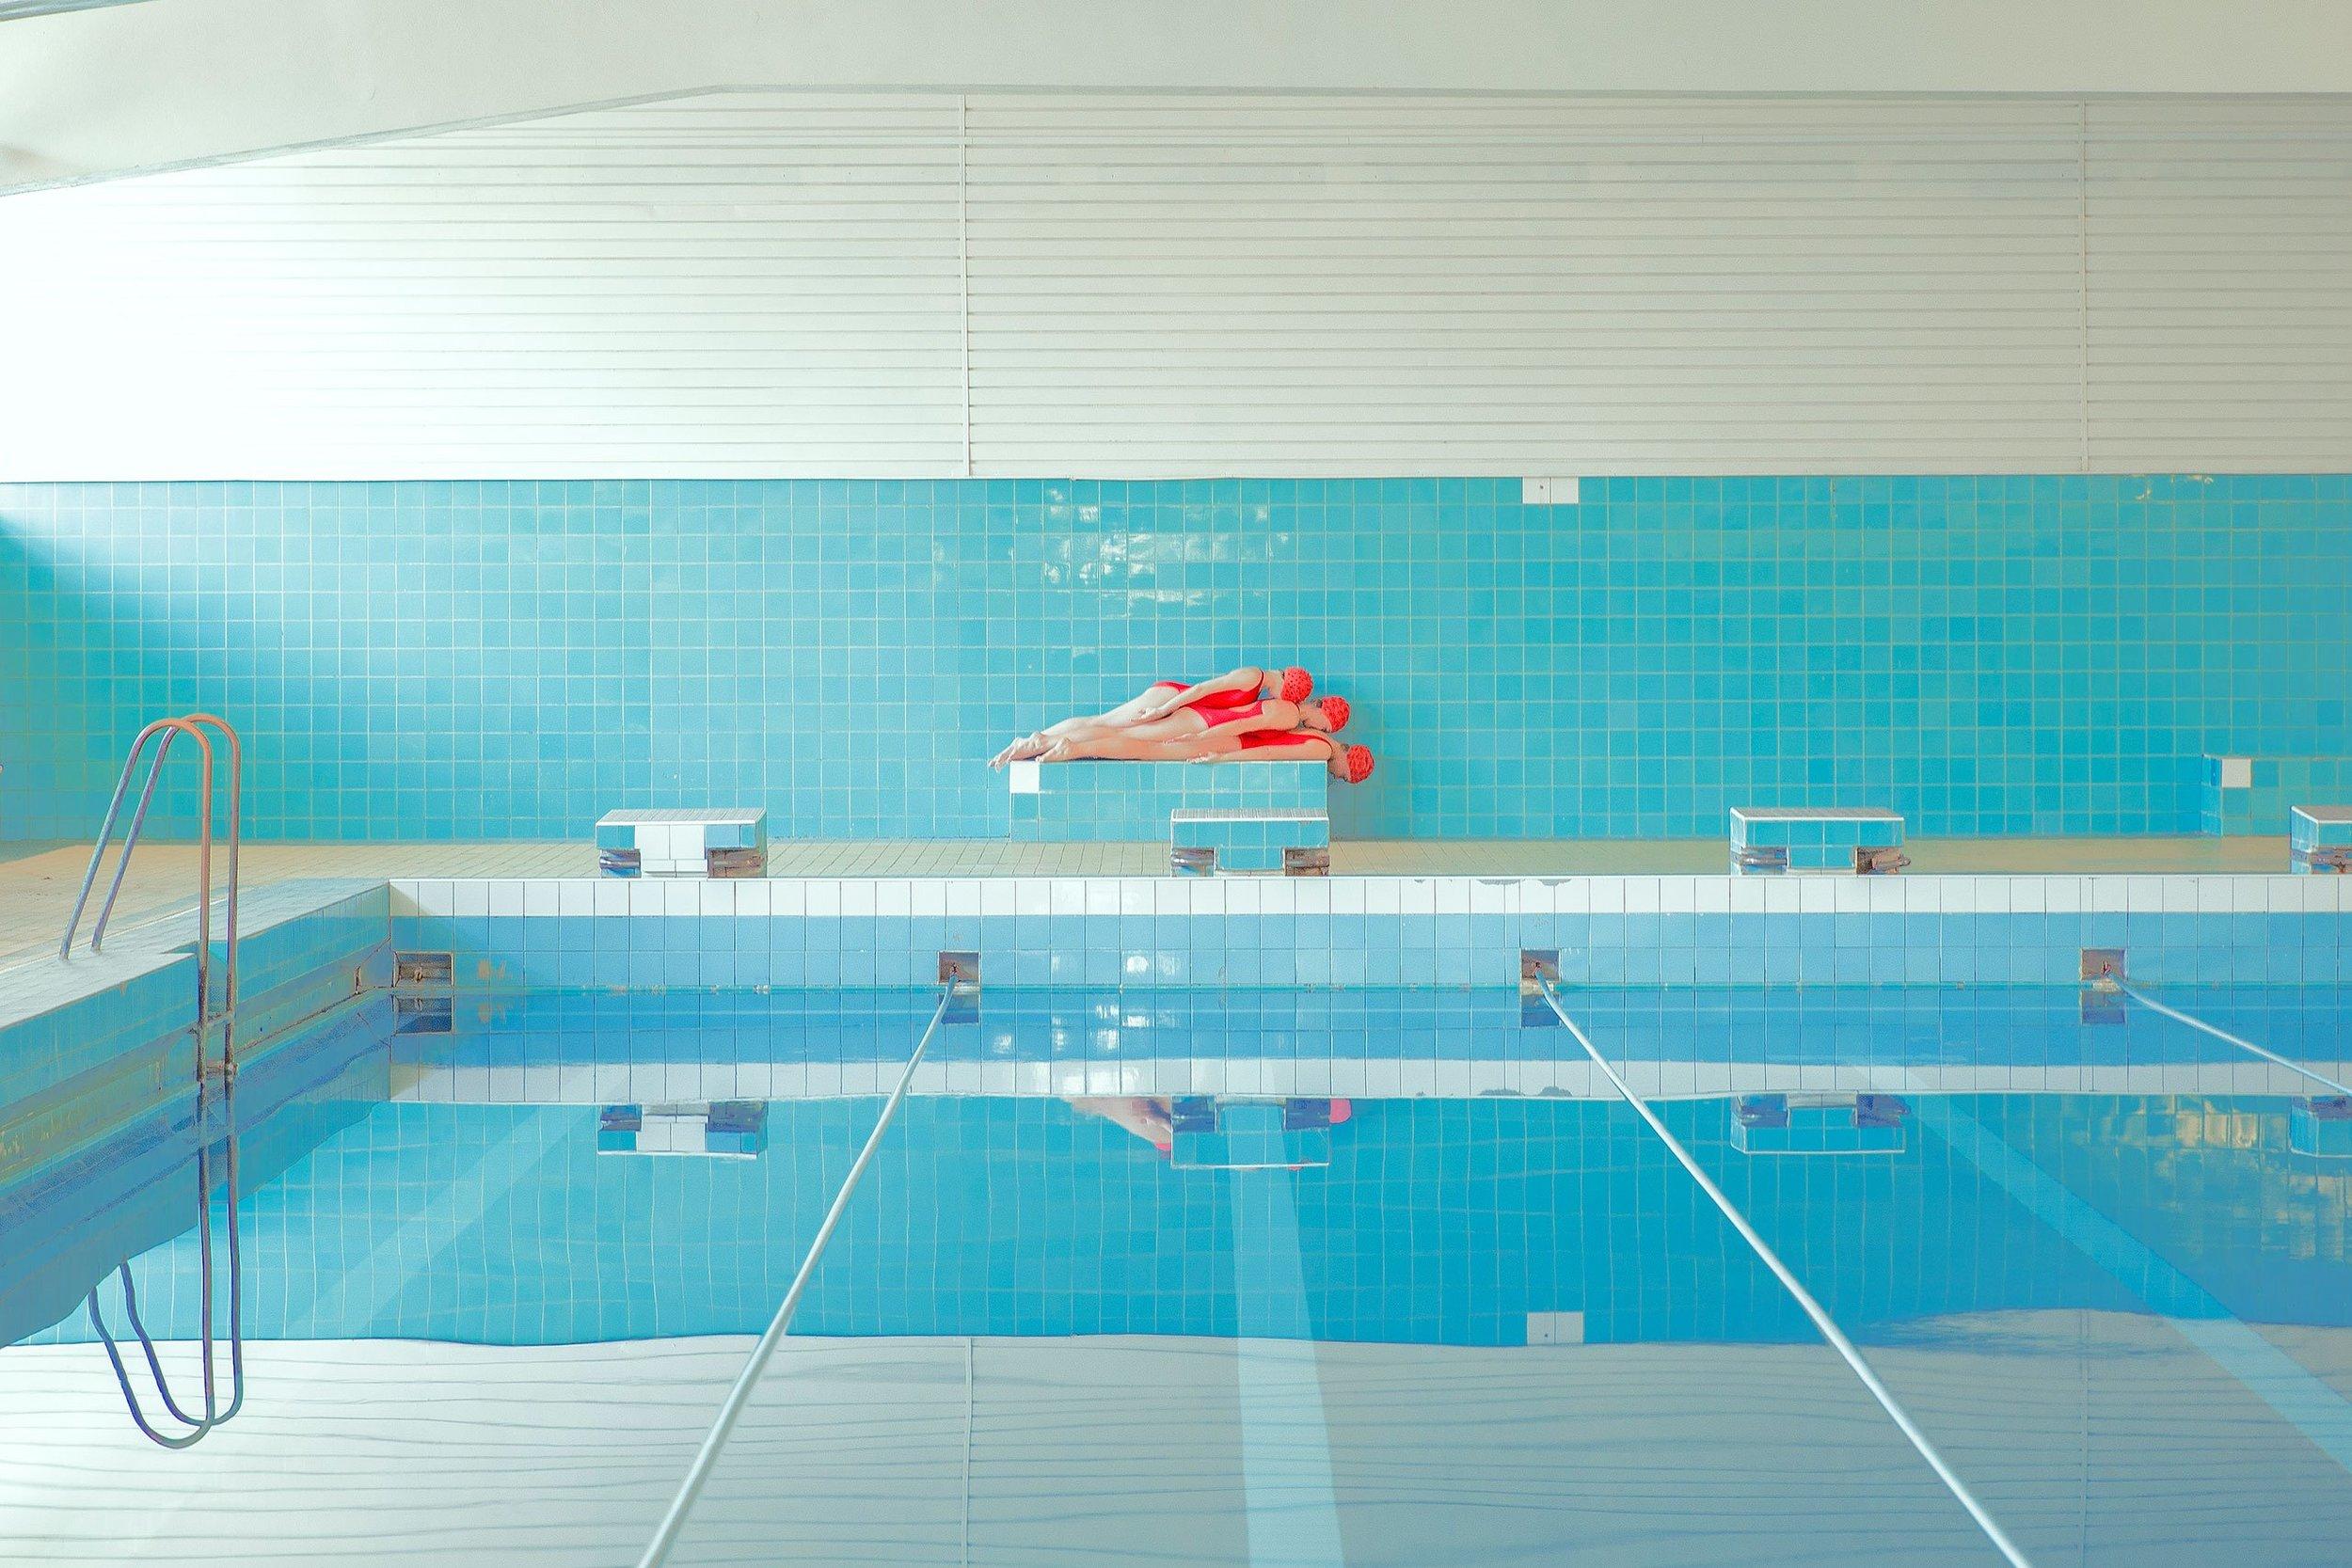 p4_maria_svarbova_swimming_trinity_series_yatzer (1).jpg